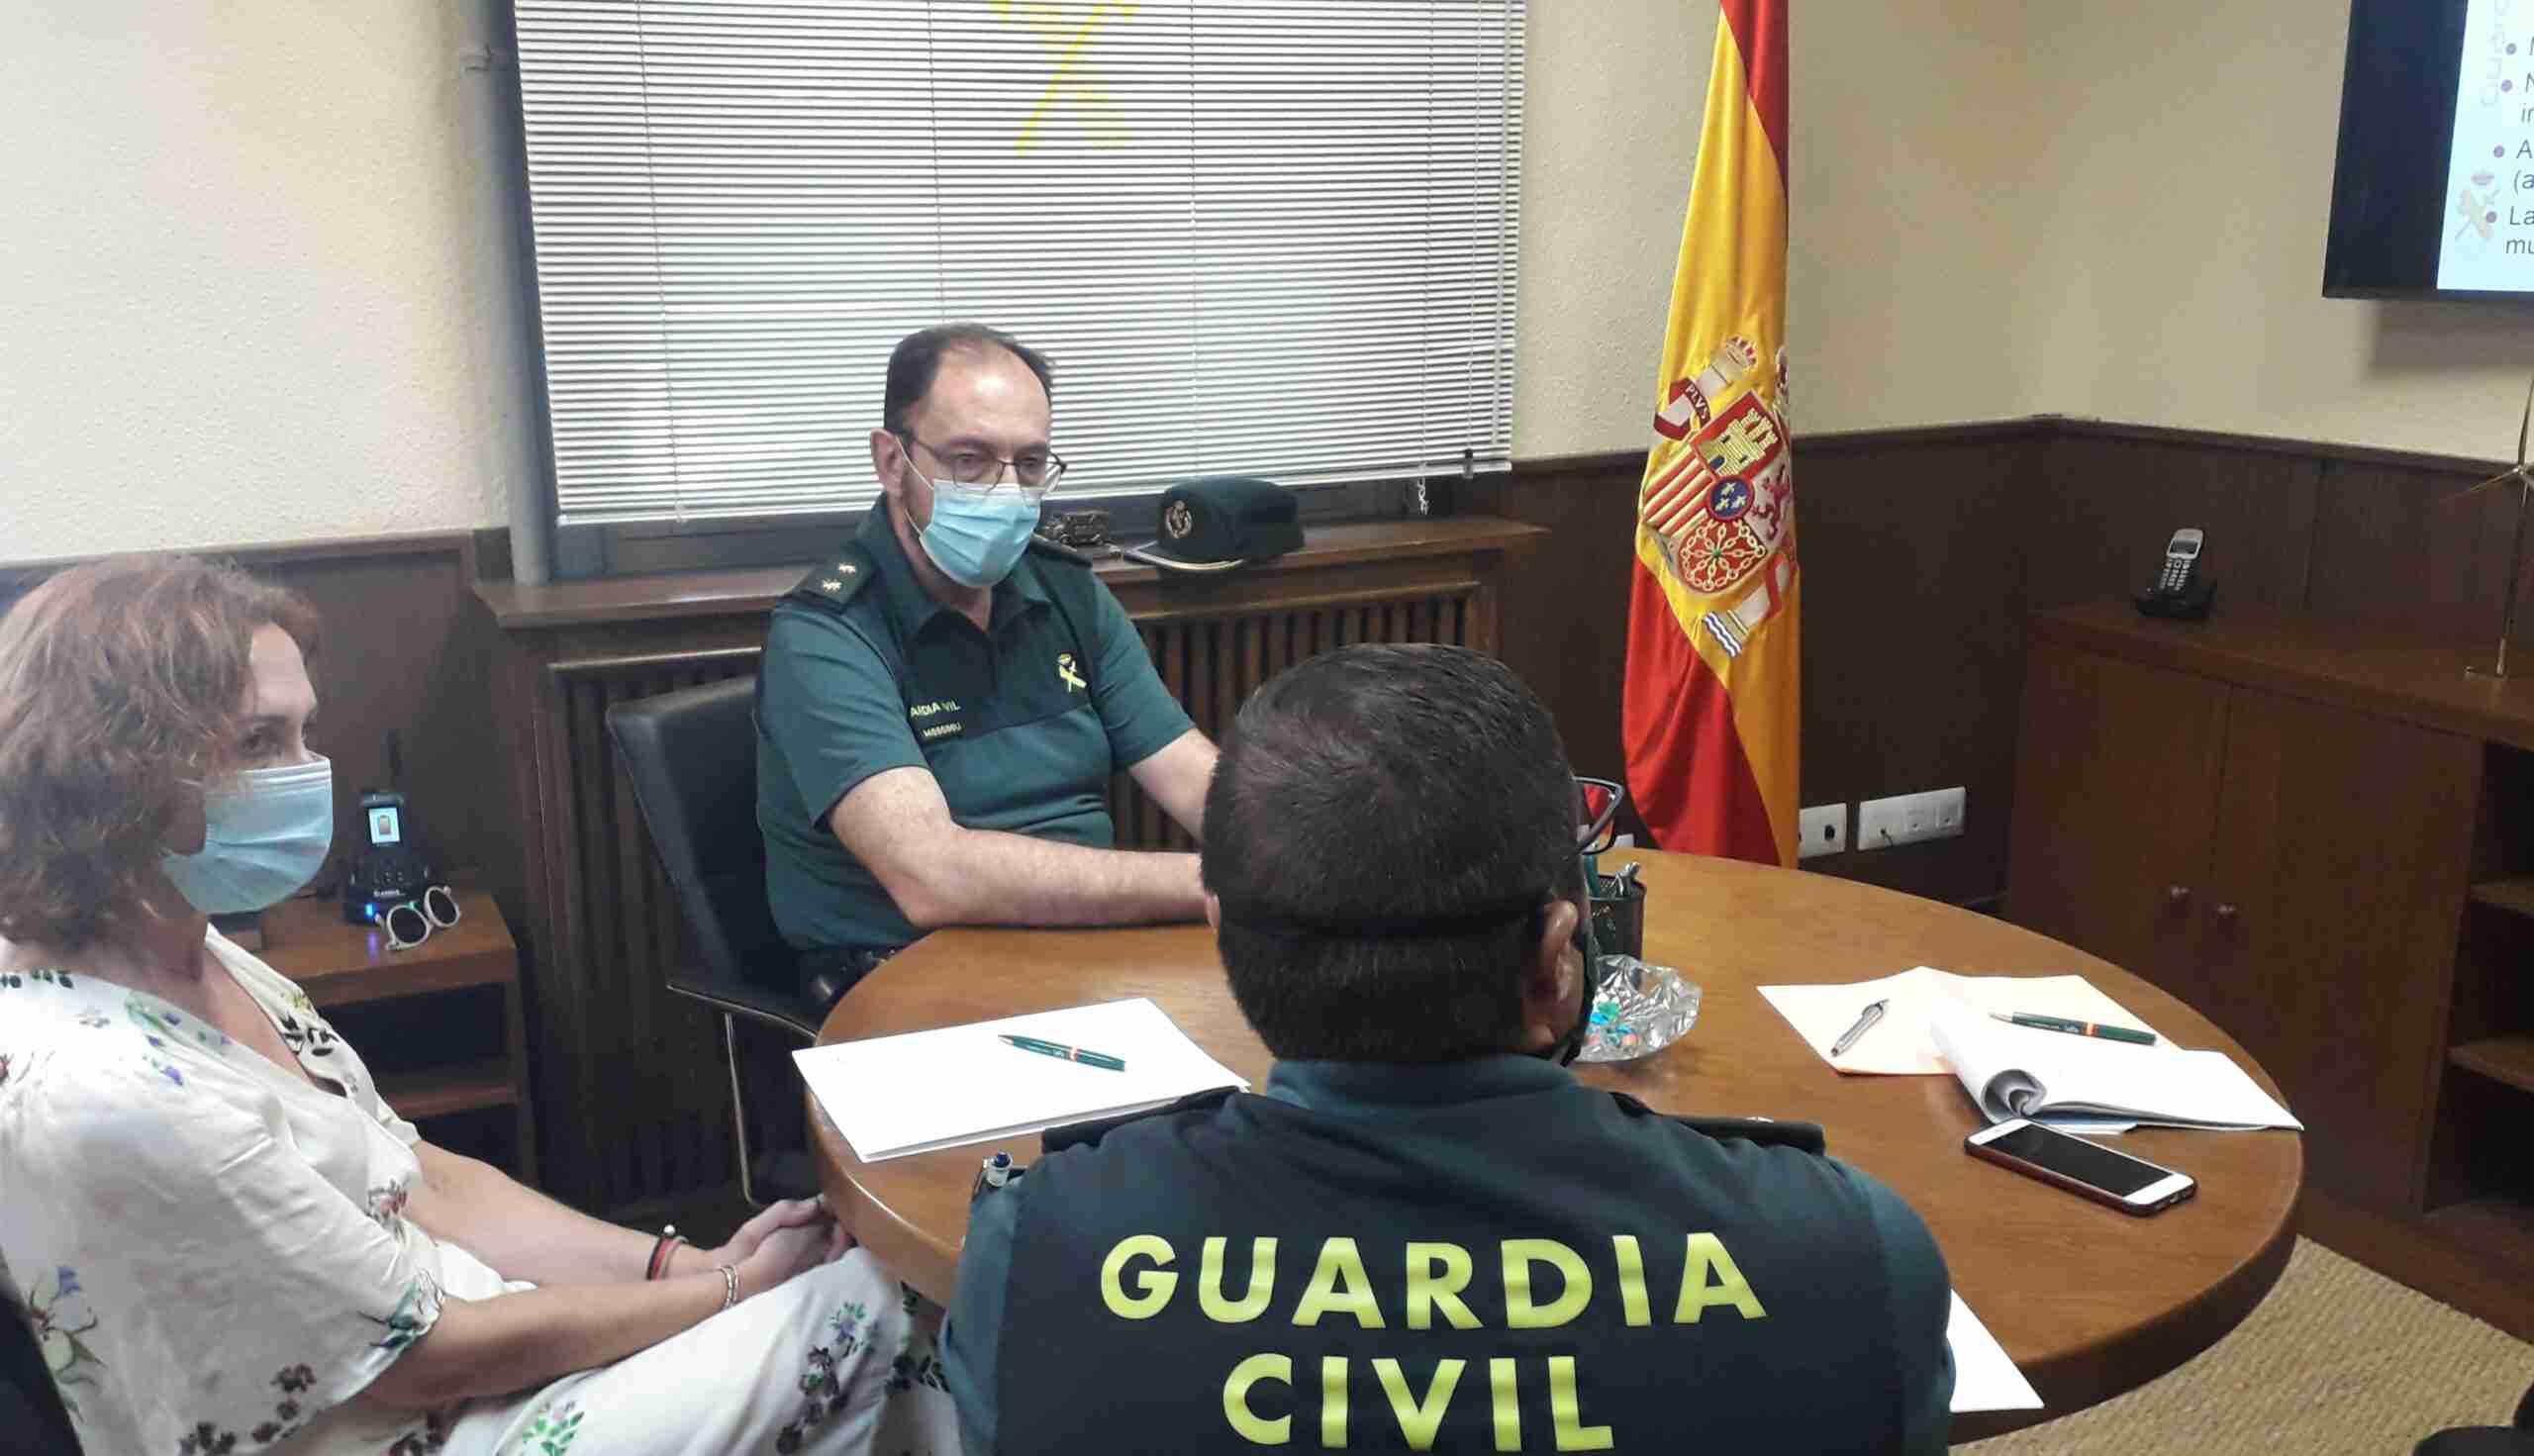 La subdelegada del Gobierno y el teniente coronel repasan actuaciones y retos covid- 19 en la 1era Compañía de la Guardia Civil en Ciudad Real 3